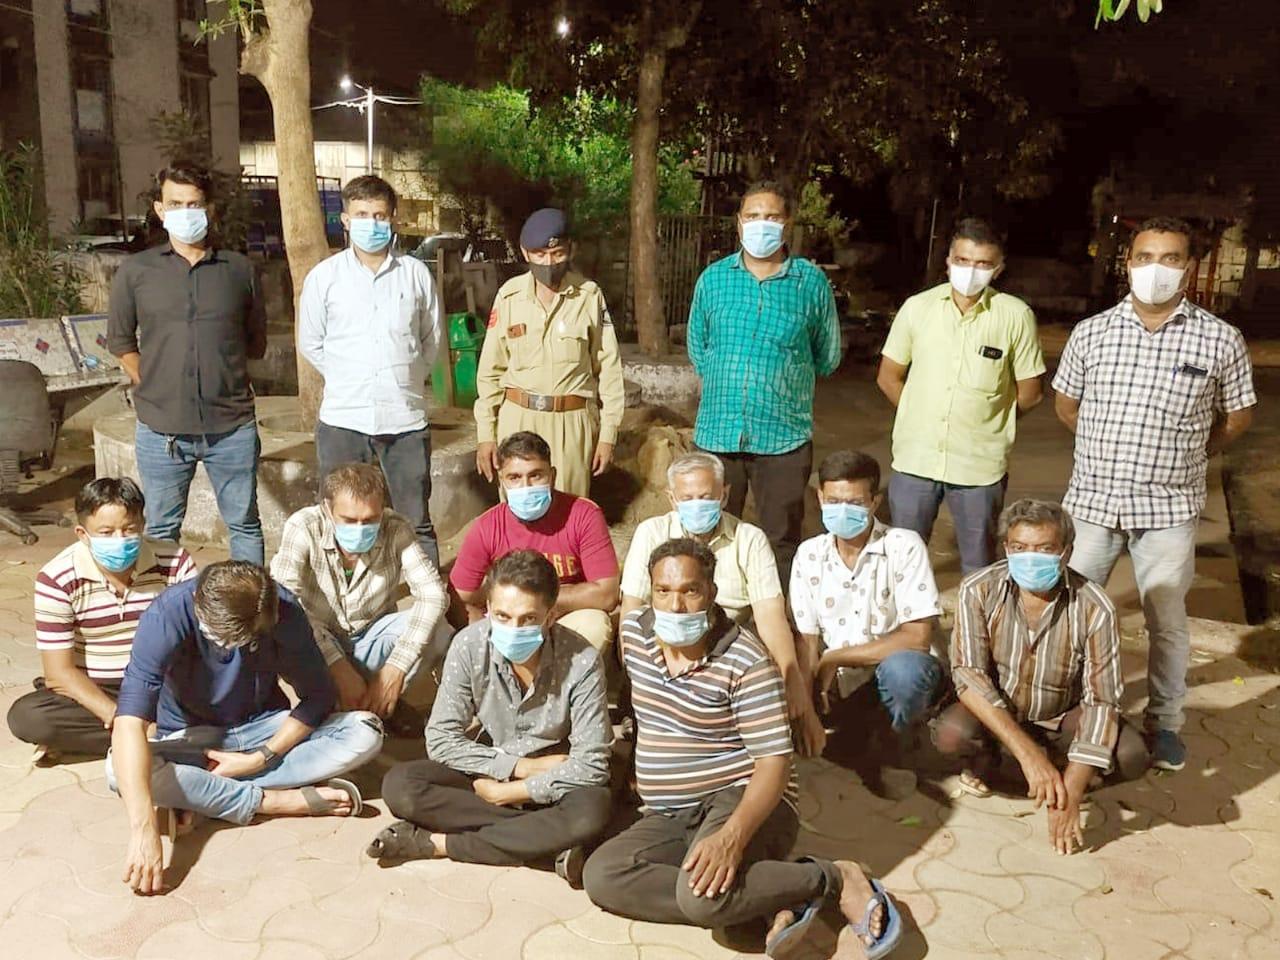 ખેડા જિલ્લામાં ત્રણ અલગ અલગ સ્થળો પર જુગાર રમી રહેલા 37 લોકો સાડા સાત લાખના મુદ્દામાલ સાથે ઝડપાયા નડિયાદ,Nadiad - Divya Bhaskar